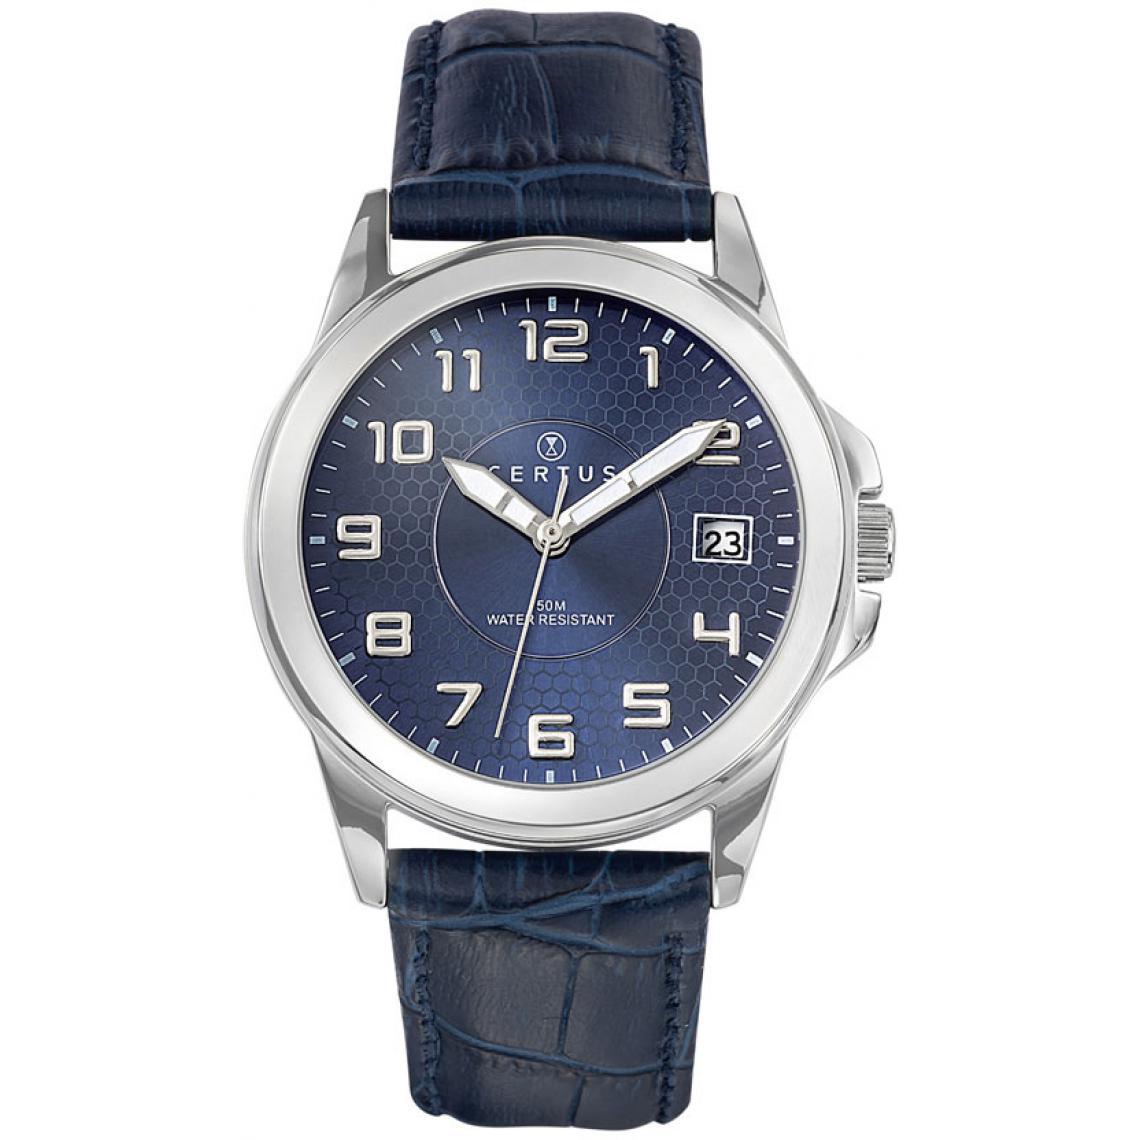 Montre Certus 610725 - Montre Cuir Bleue Certus Montres - 3 suisses - Modalova